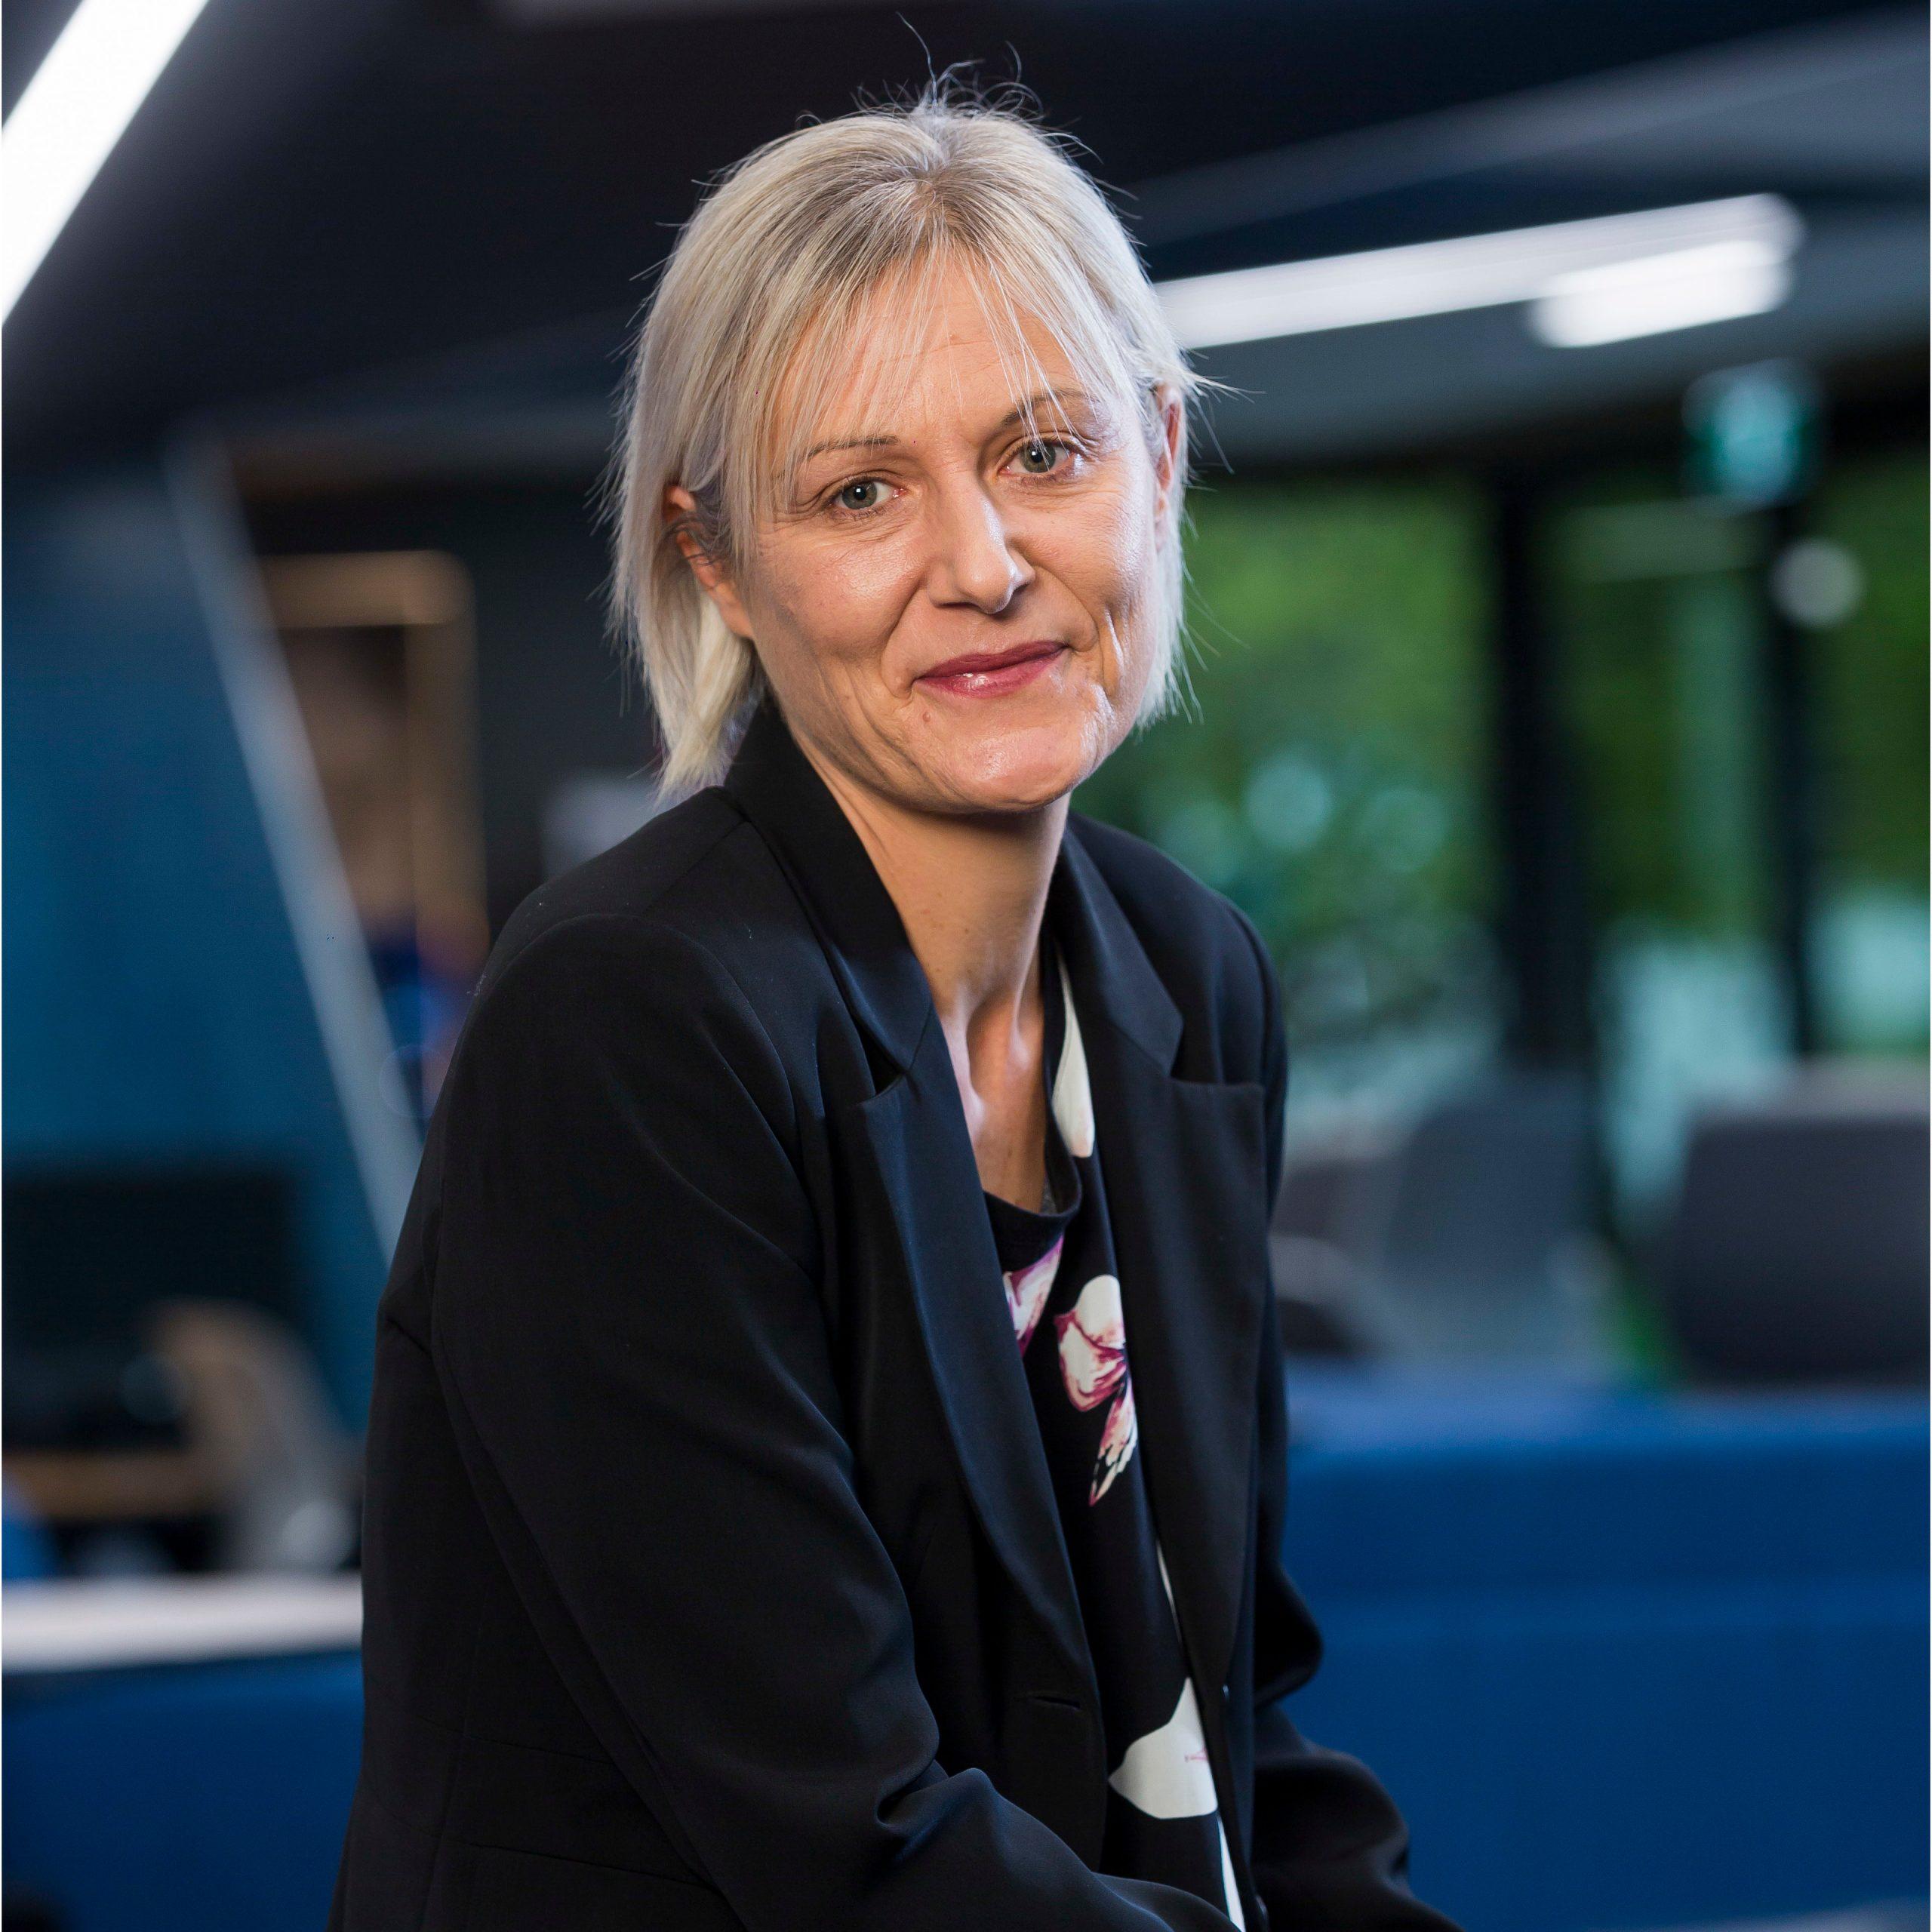 Prof. Britt Klein